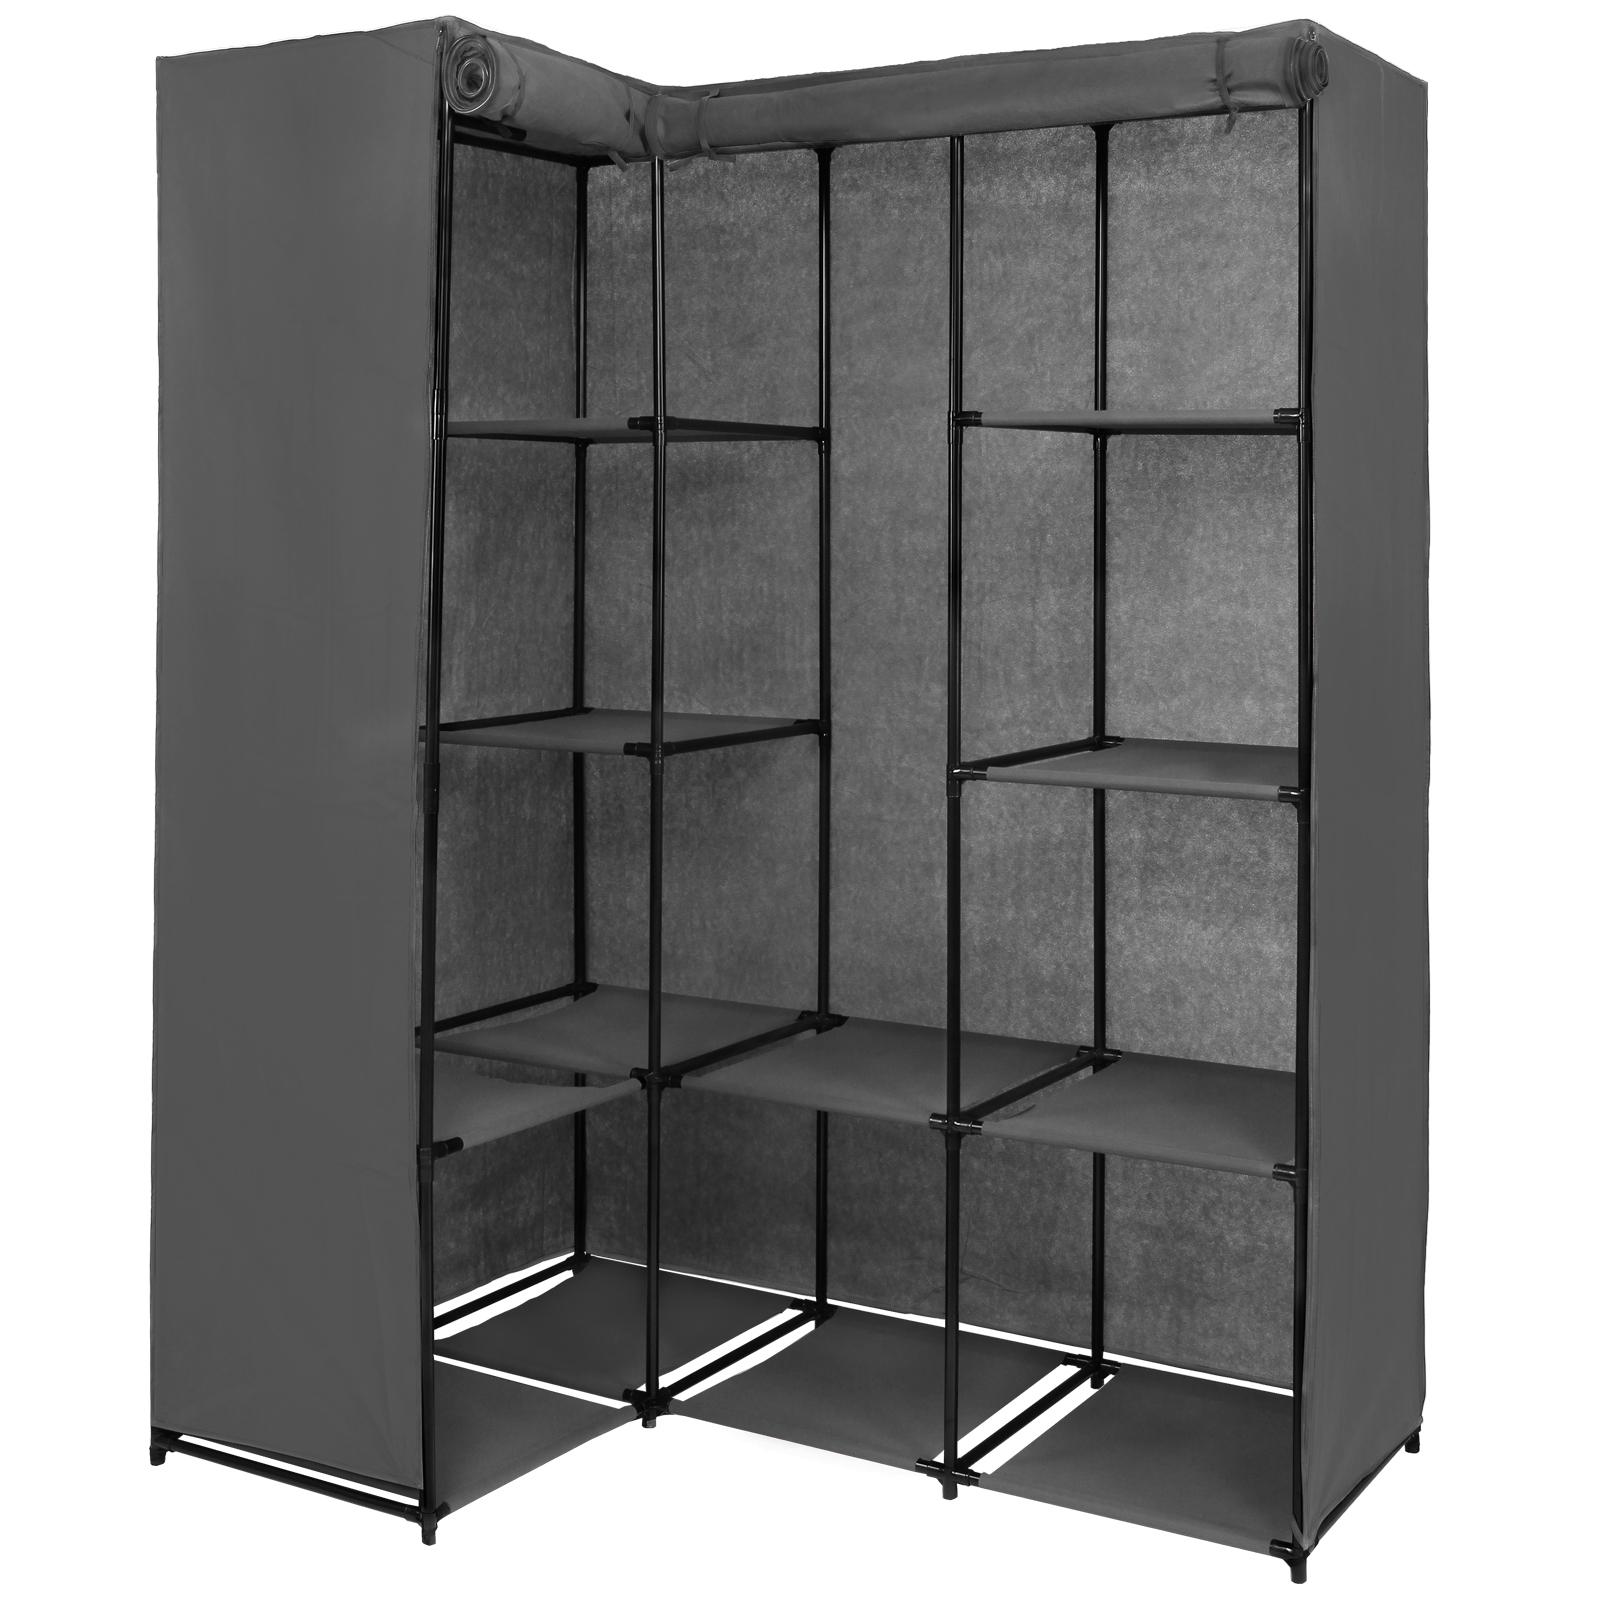 eck kleiderschrank stoffschrank faltschrank 169 x 130 x 45 cm steckregal ebay. Black Bedroom Furniture Sets. Home Design Ideas